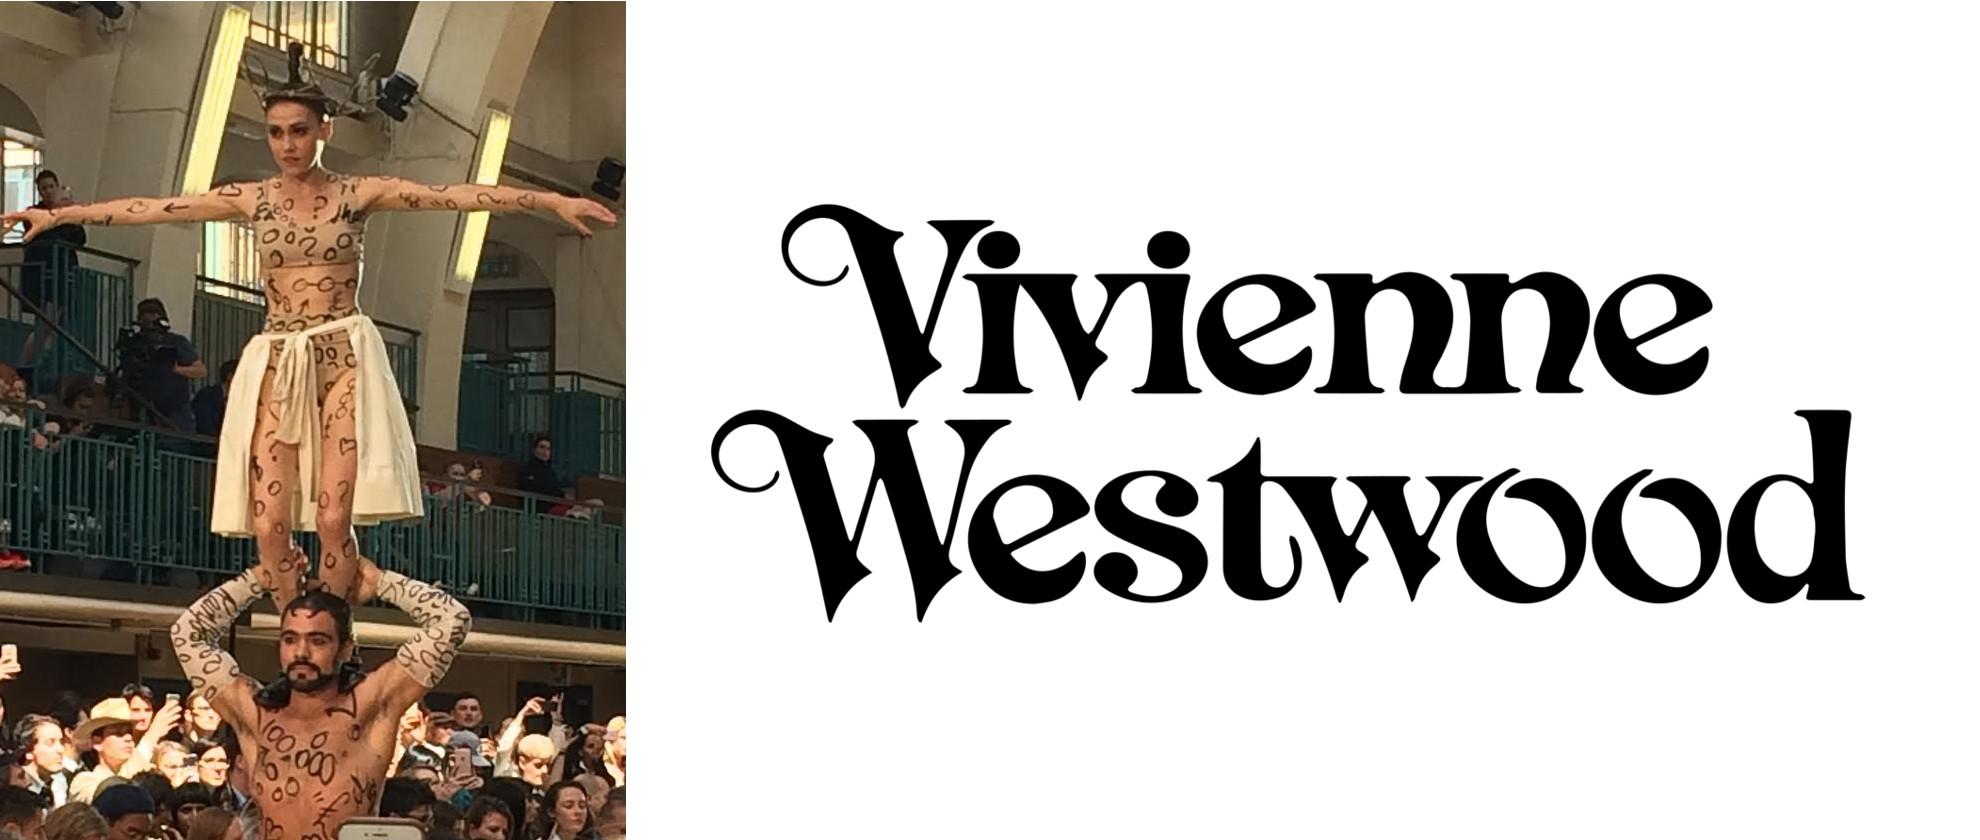 Vivienne Westwood: Revolutionary Runway 2017